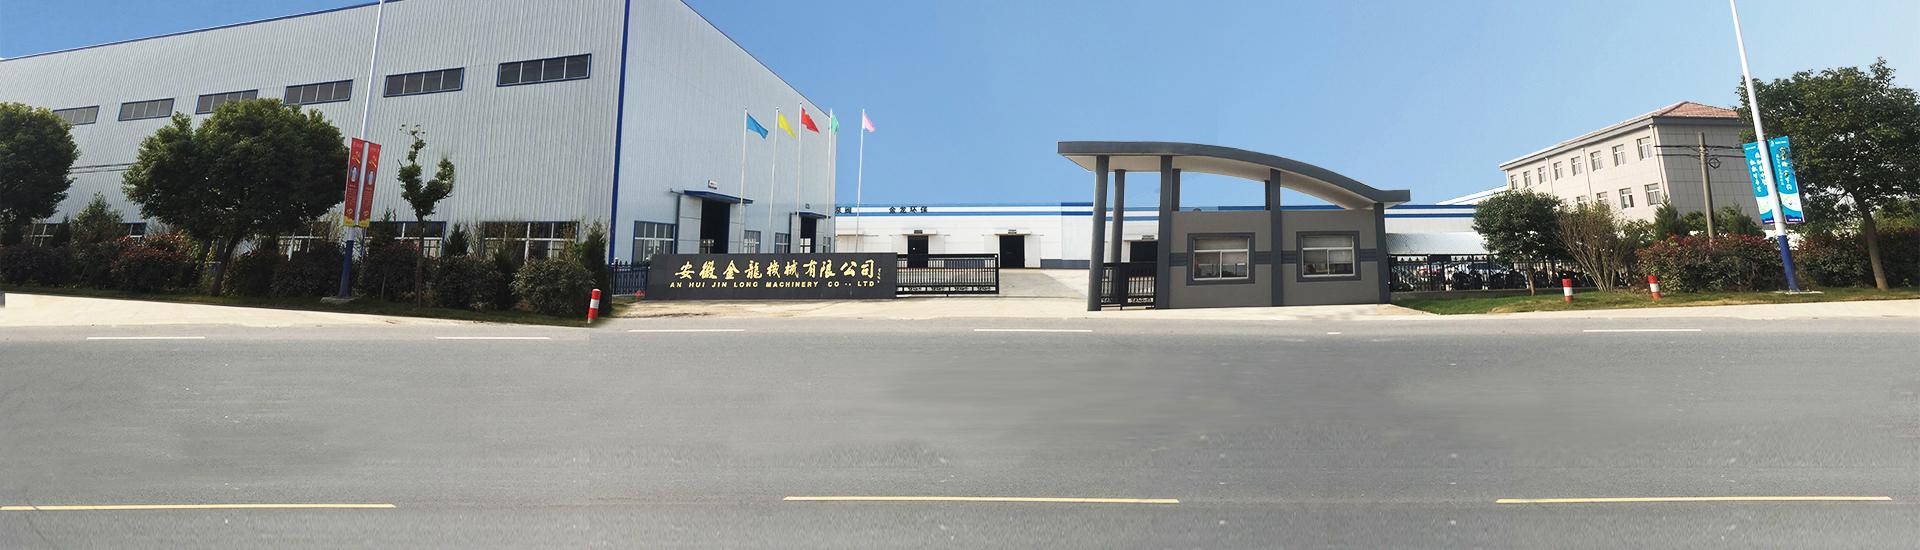 安徽金龙机械有限公司